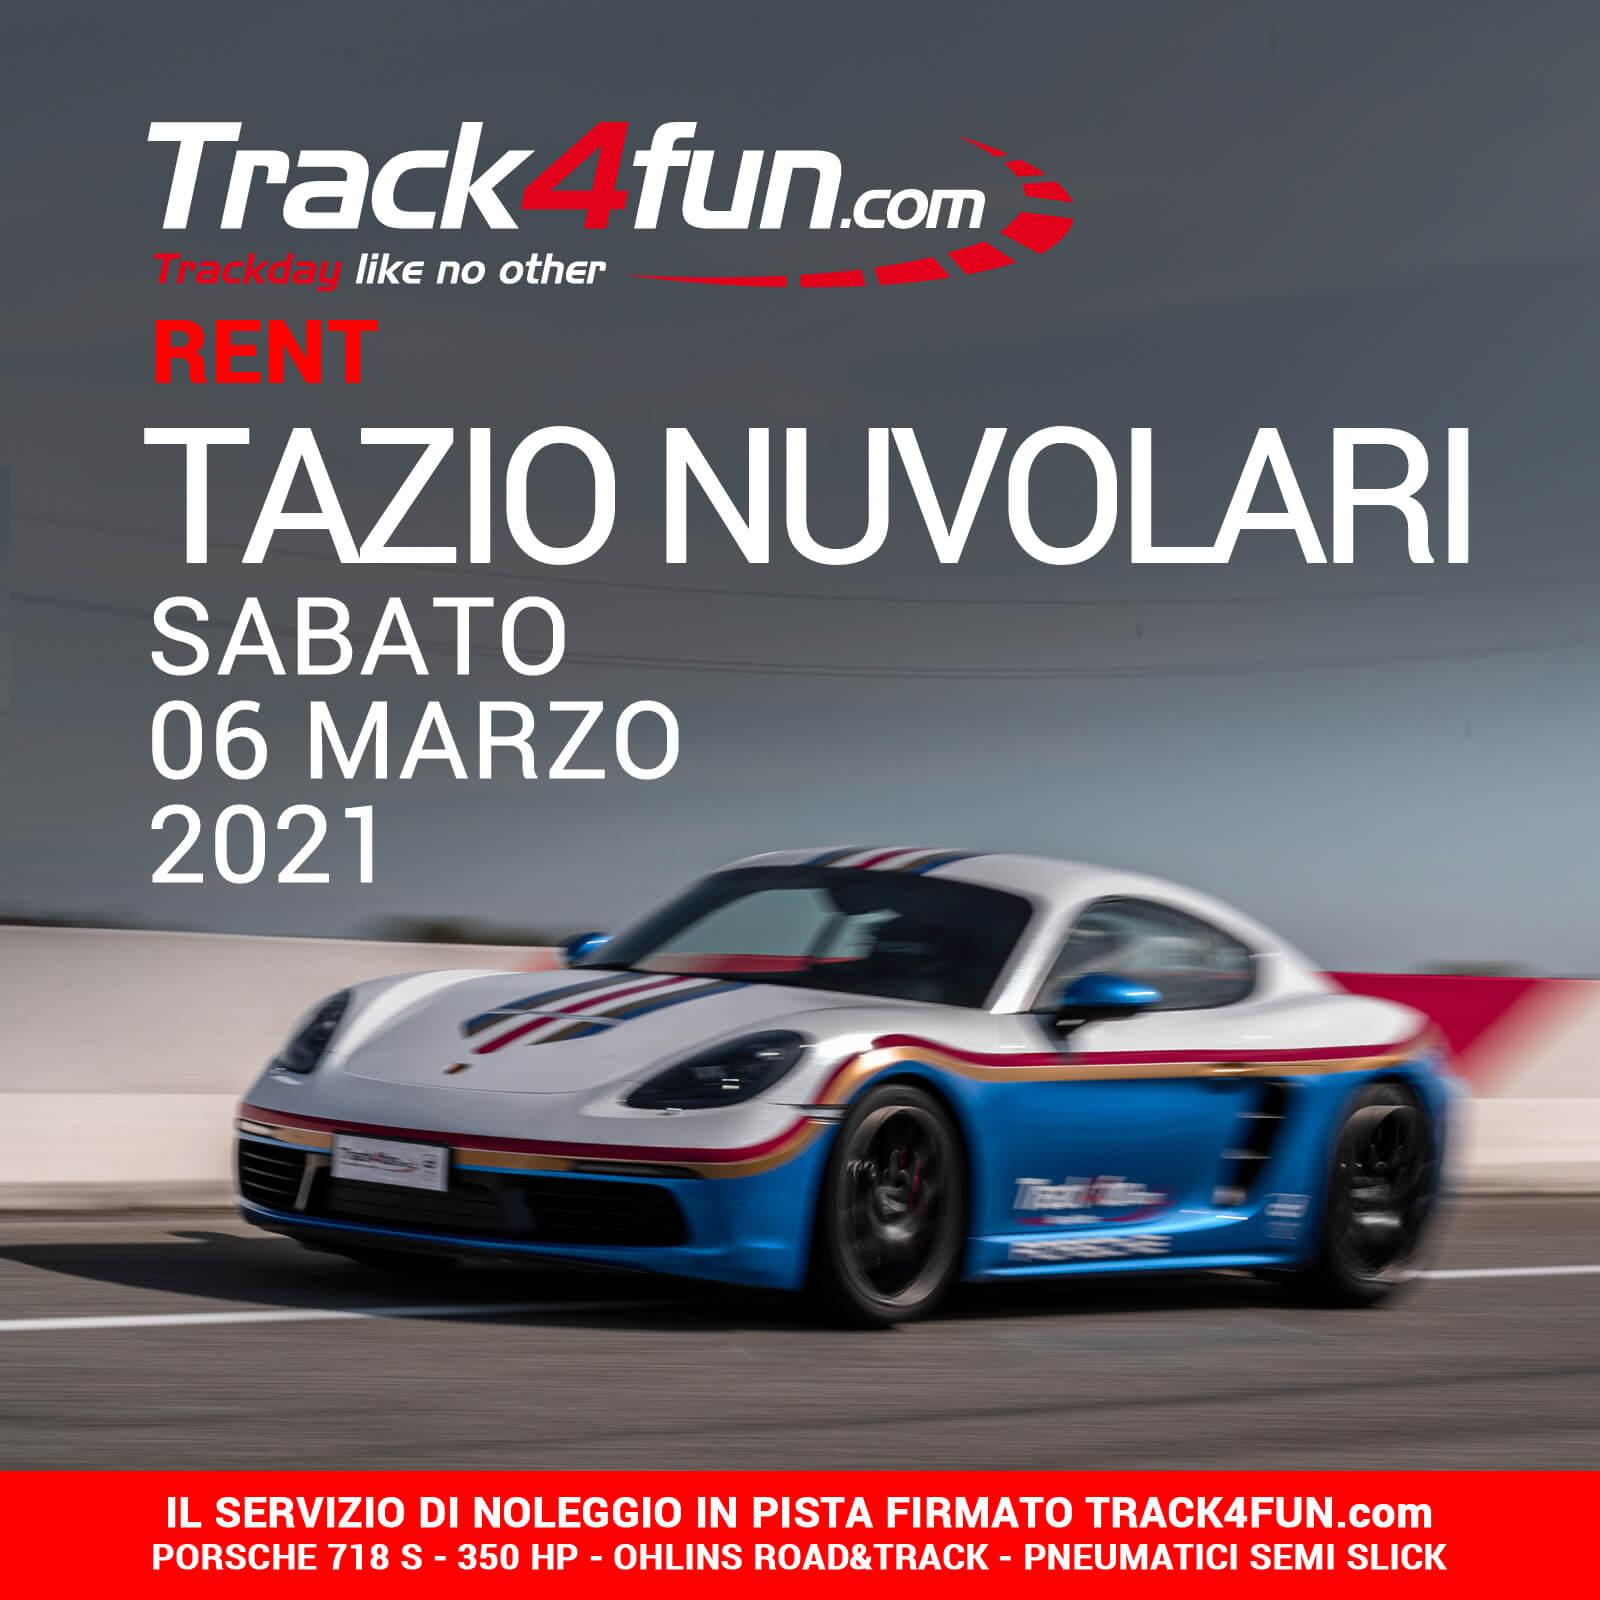 Track4fun Rent Tazio Nuvolari 06-03-2021